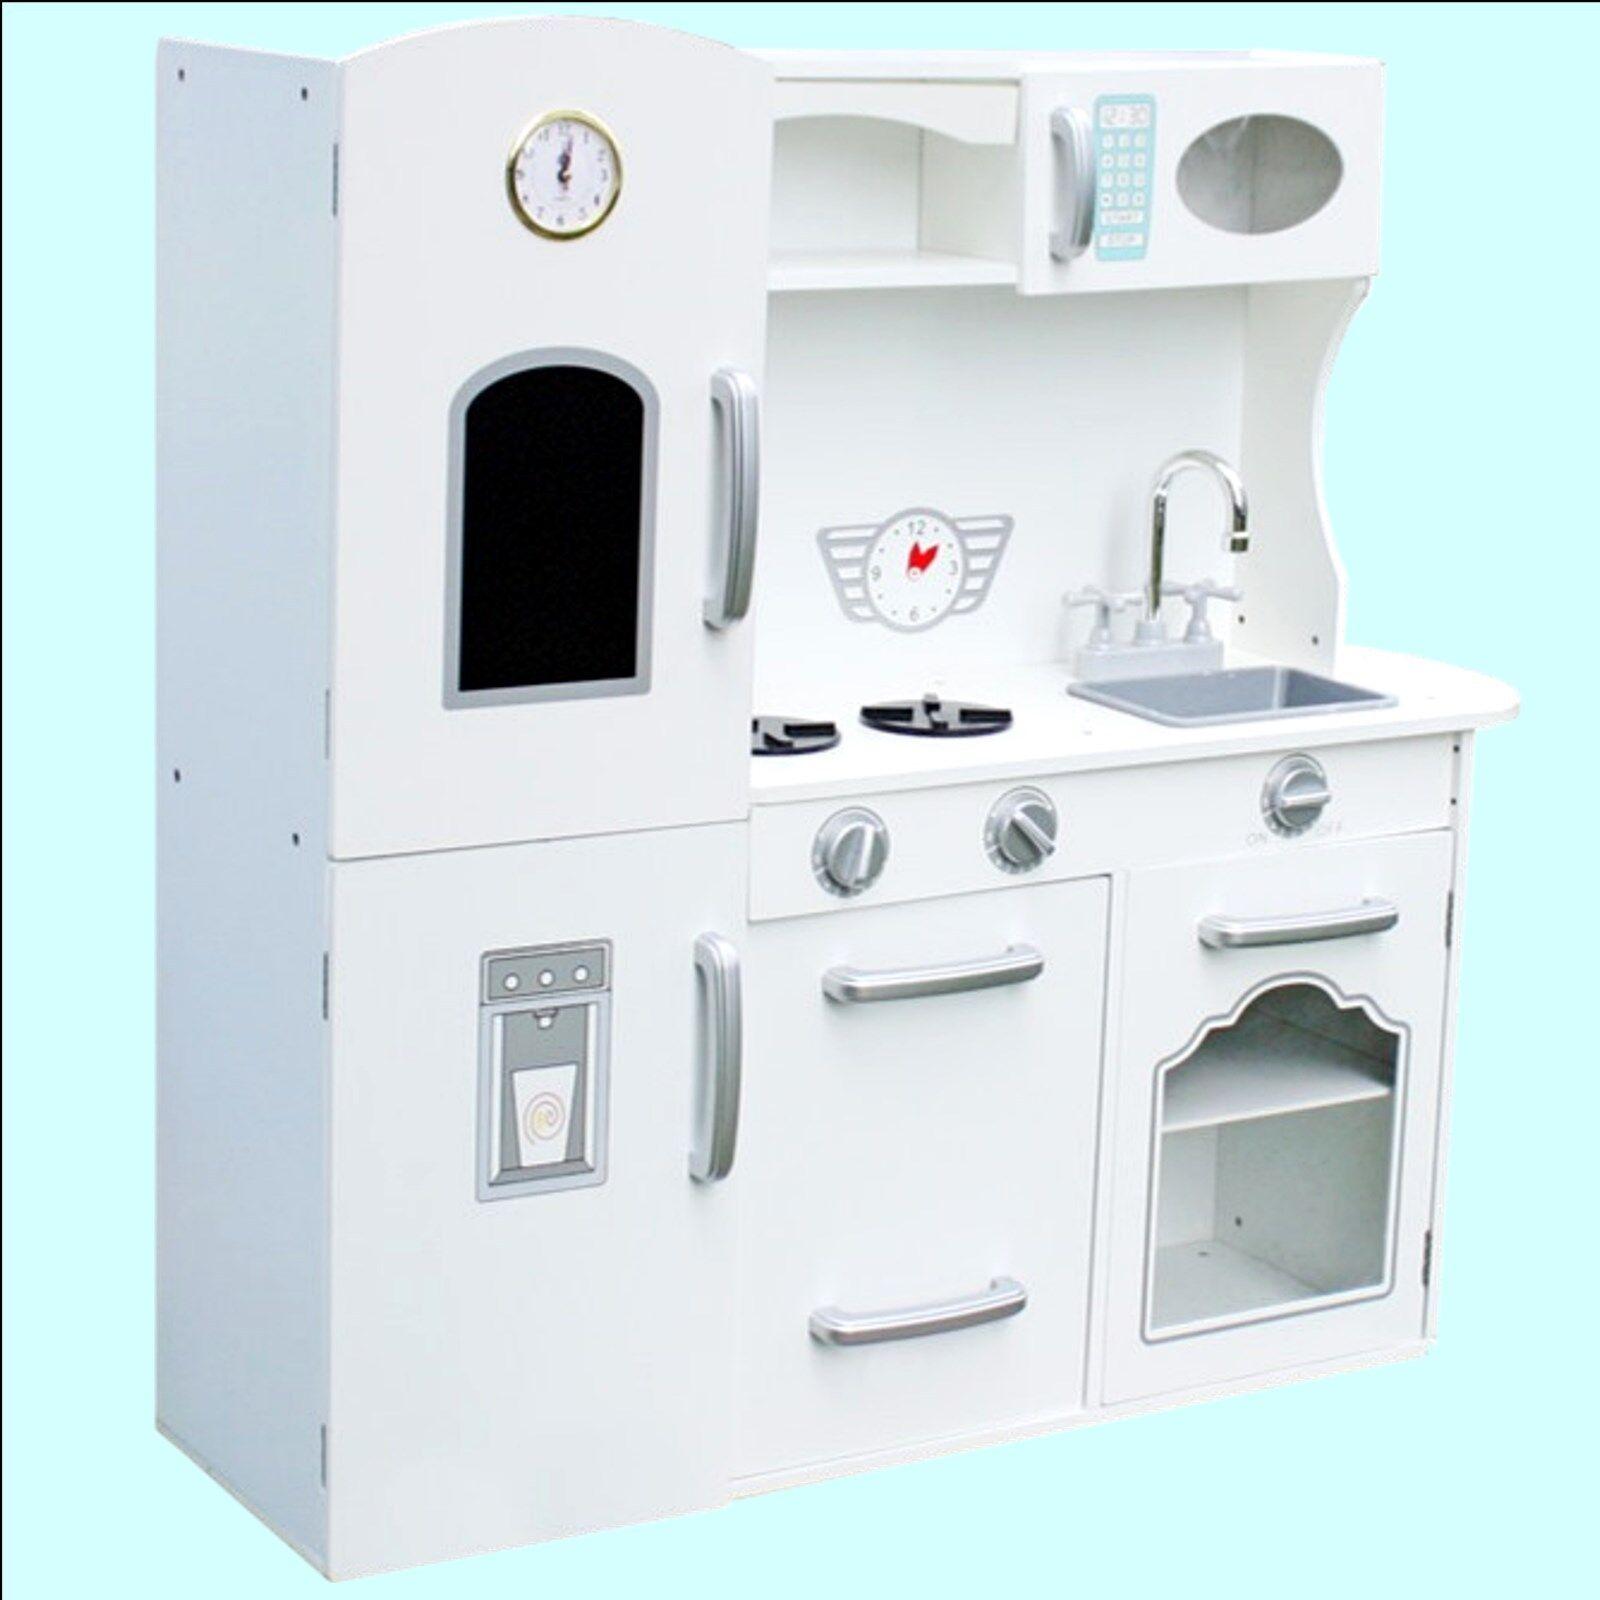 Kinderküche Weiß Spielküche Küche Retro Spielküche Küche Kinder Spielzeug Spielzeug Spielzeug Holz fce4dc